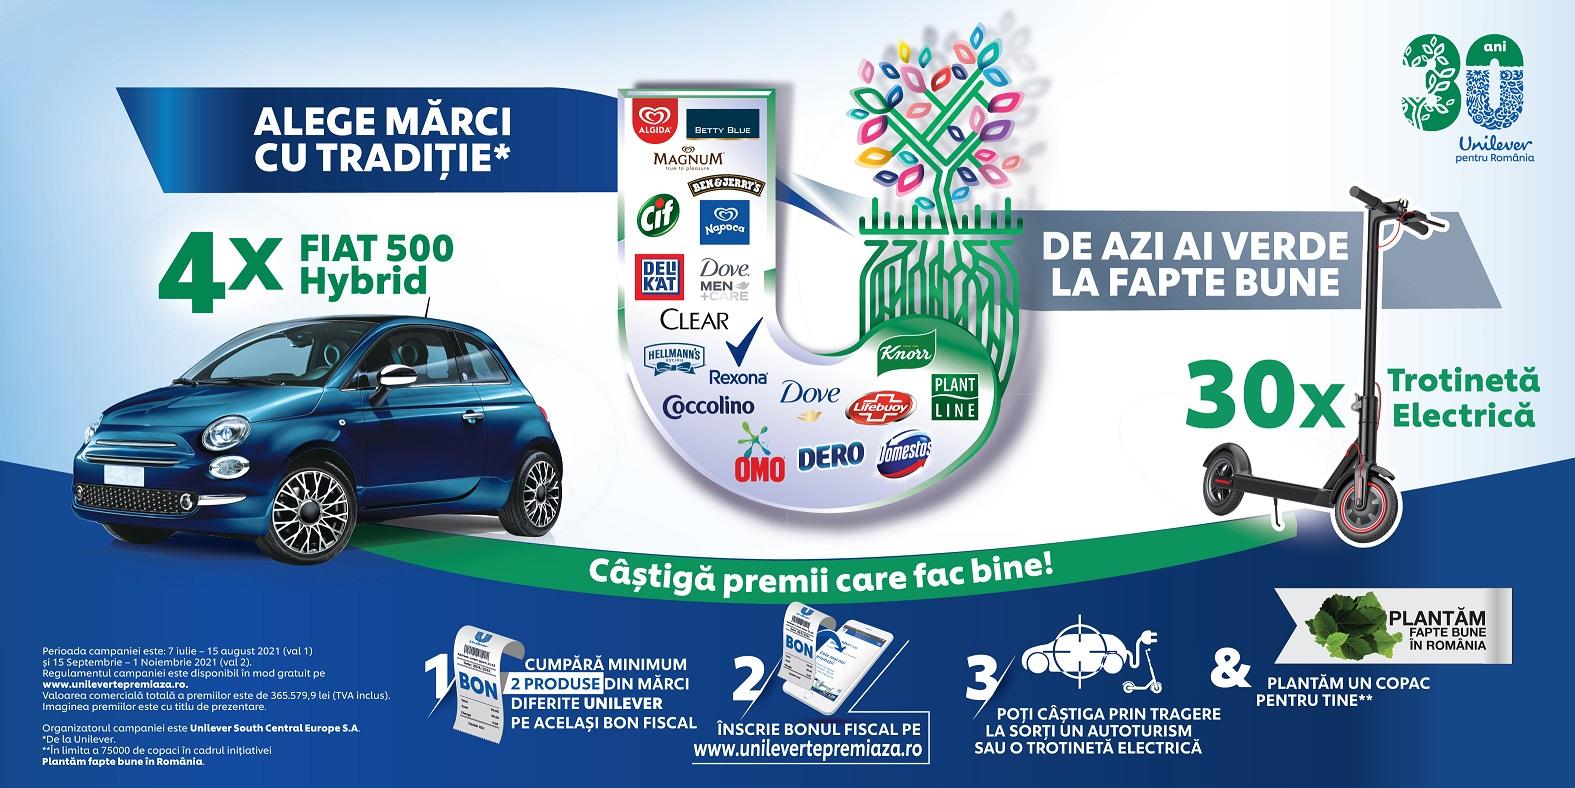 De azi ai verde la fapte bune Unilever concurs